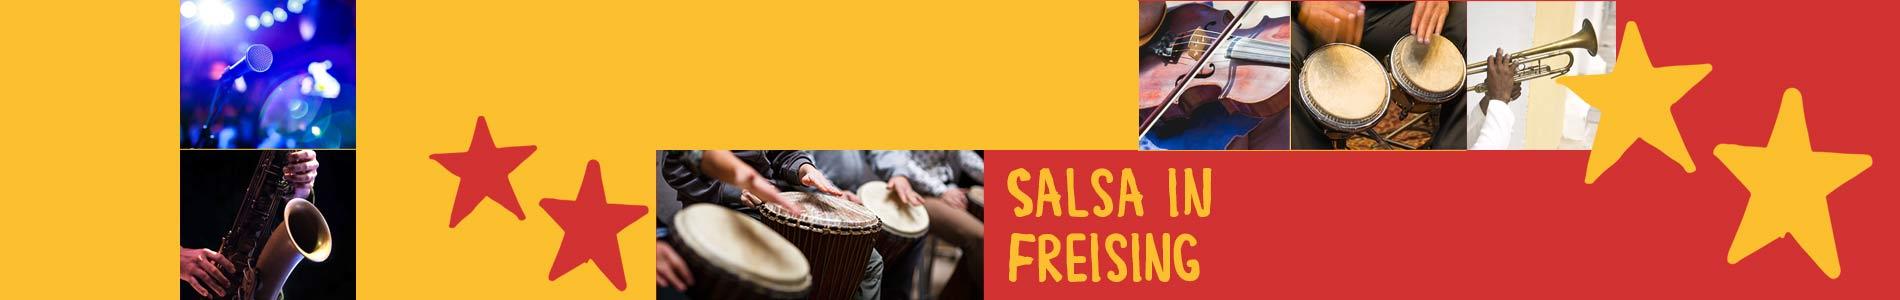 Salsa in Freising – Salsa lernen und tanzen, Tanzkurse, Partys, Veranstaltungen